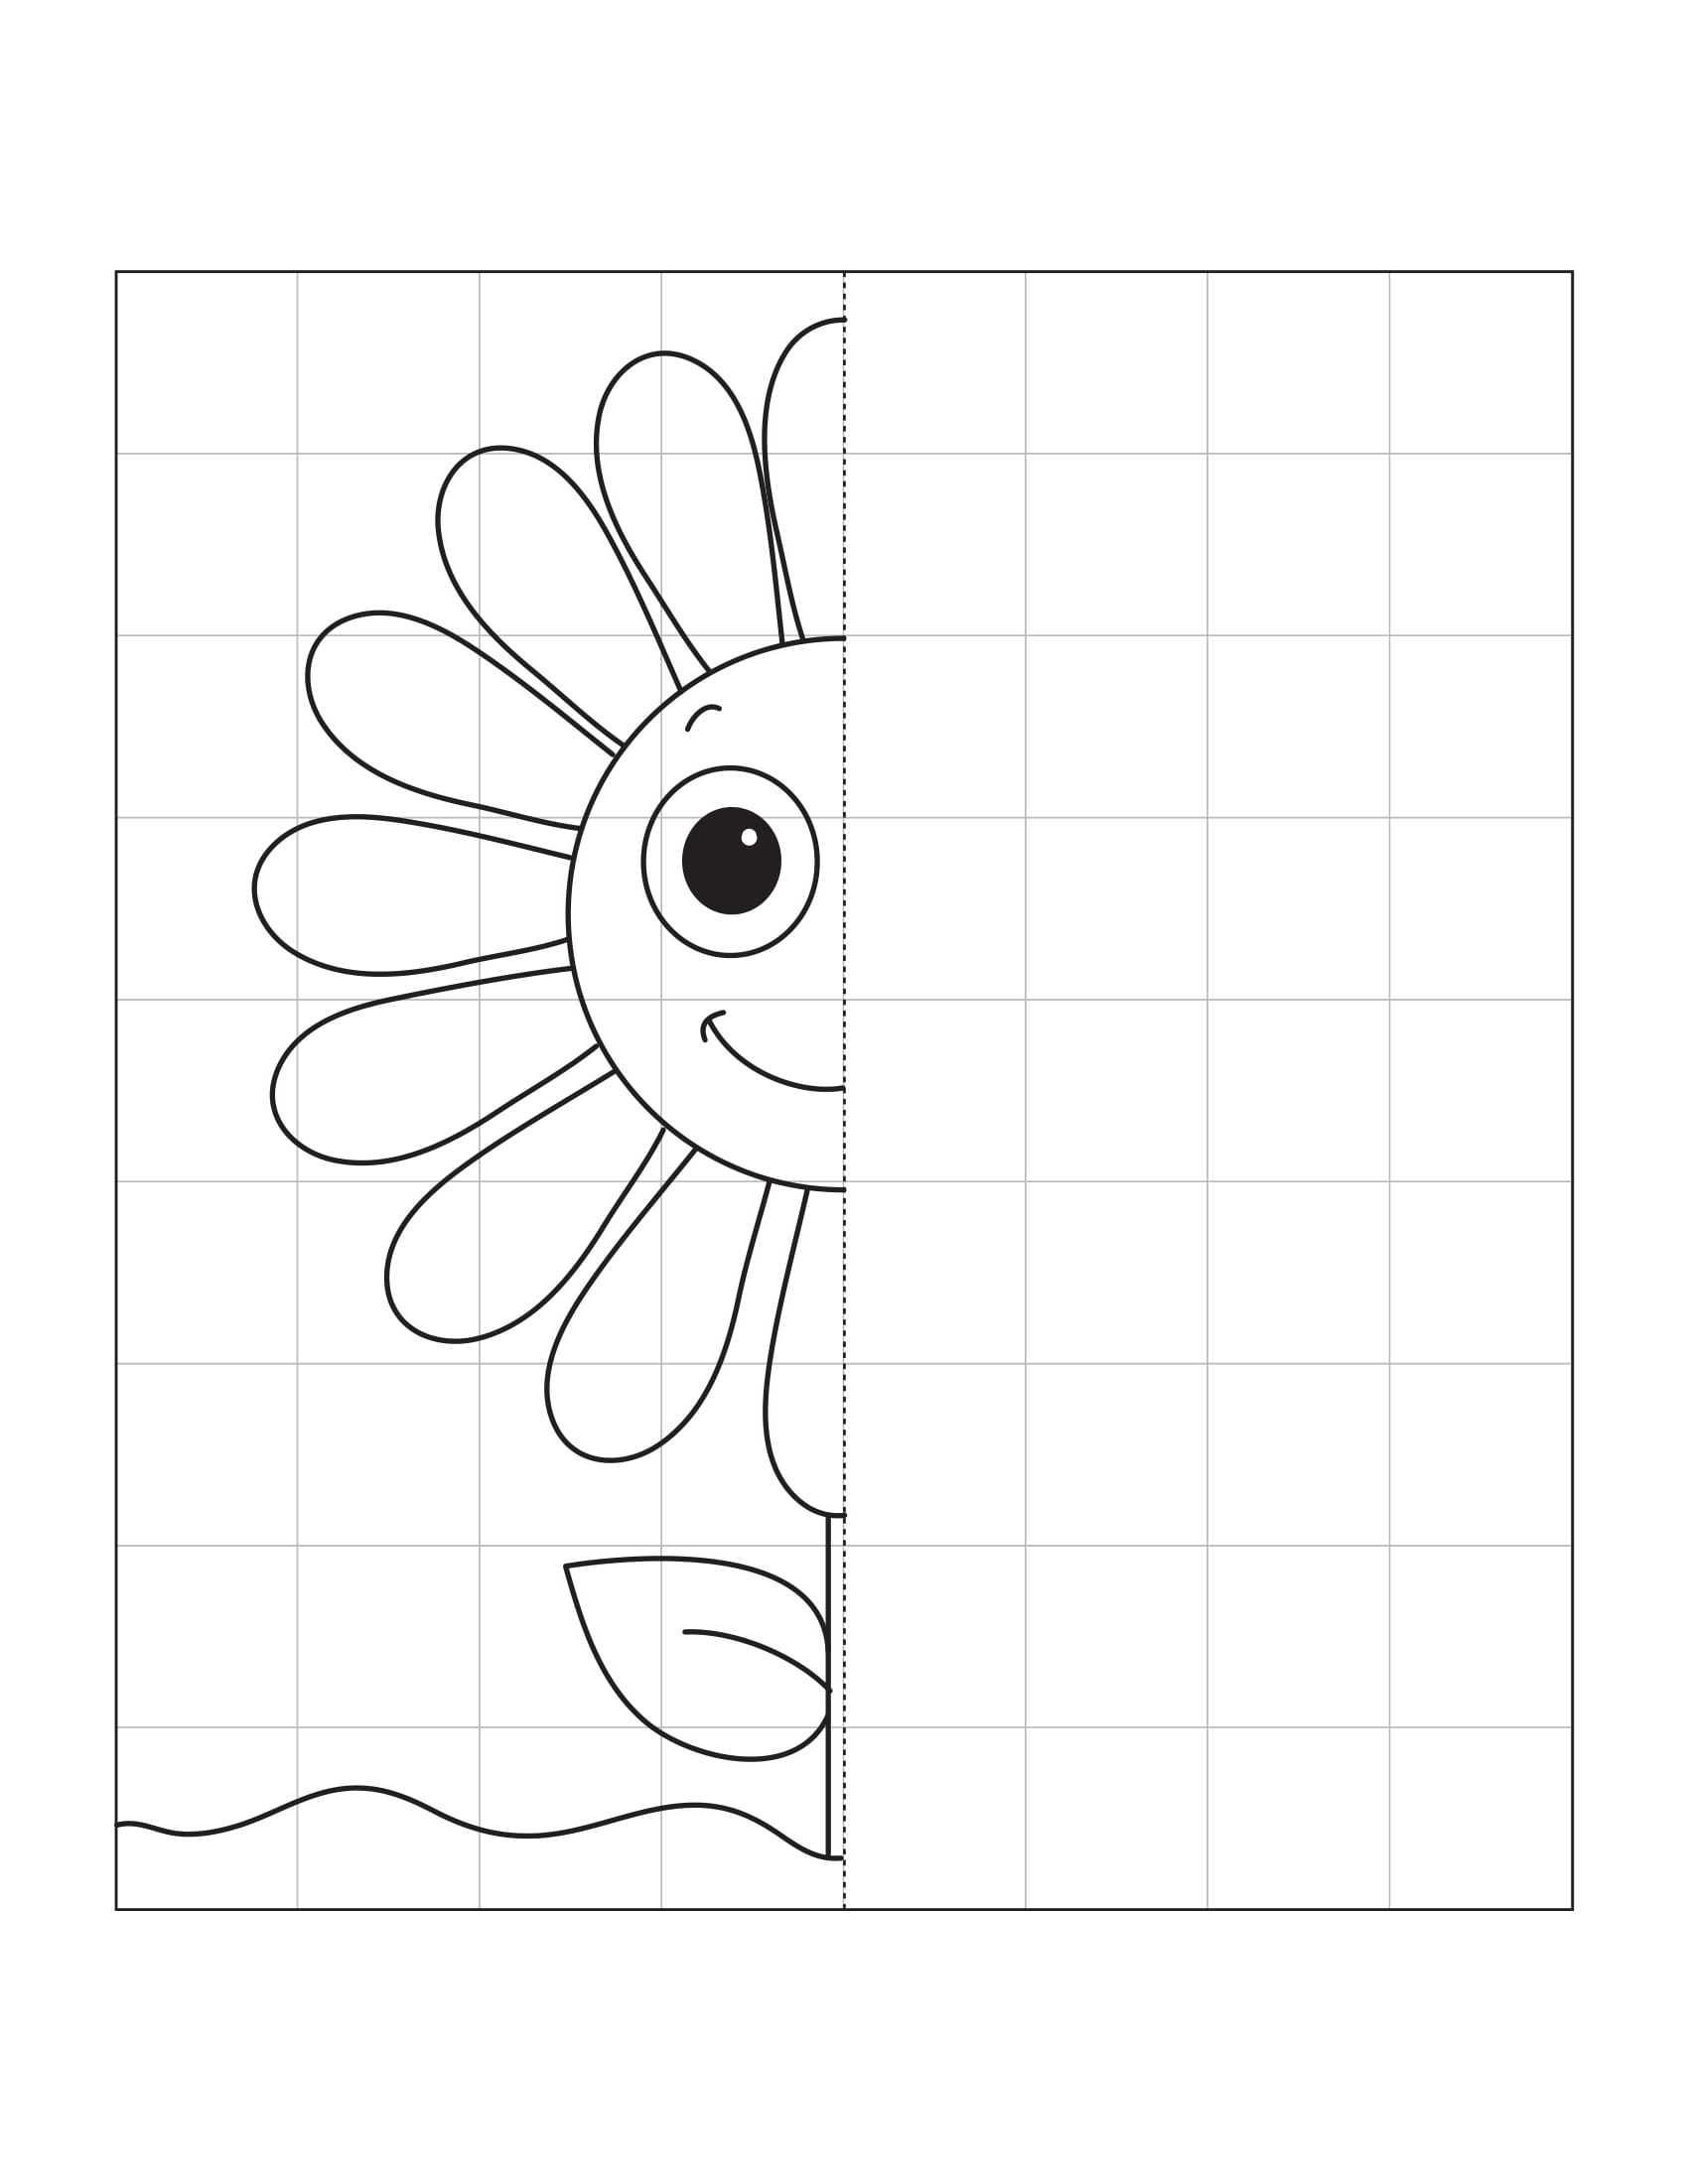 Cicek Simetri Etkinlikleri 2 Okul Oncesi Etkinlik Faliyetleri